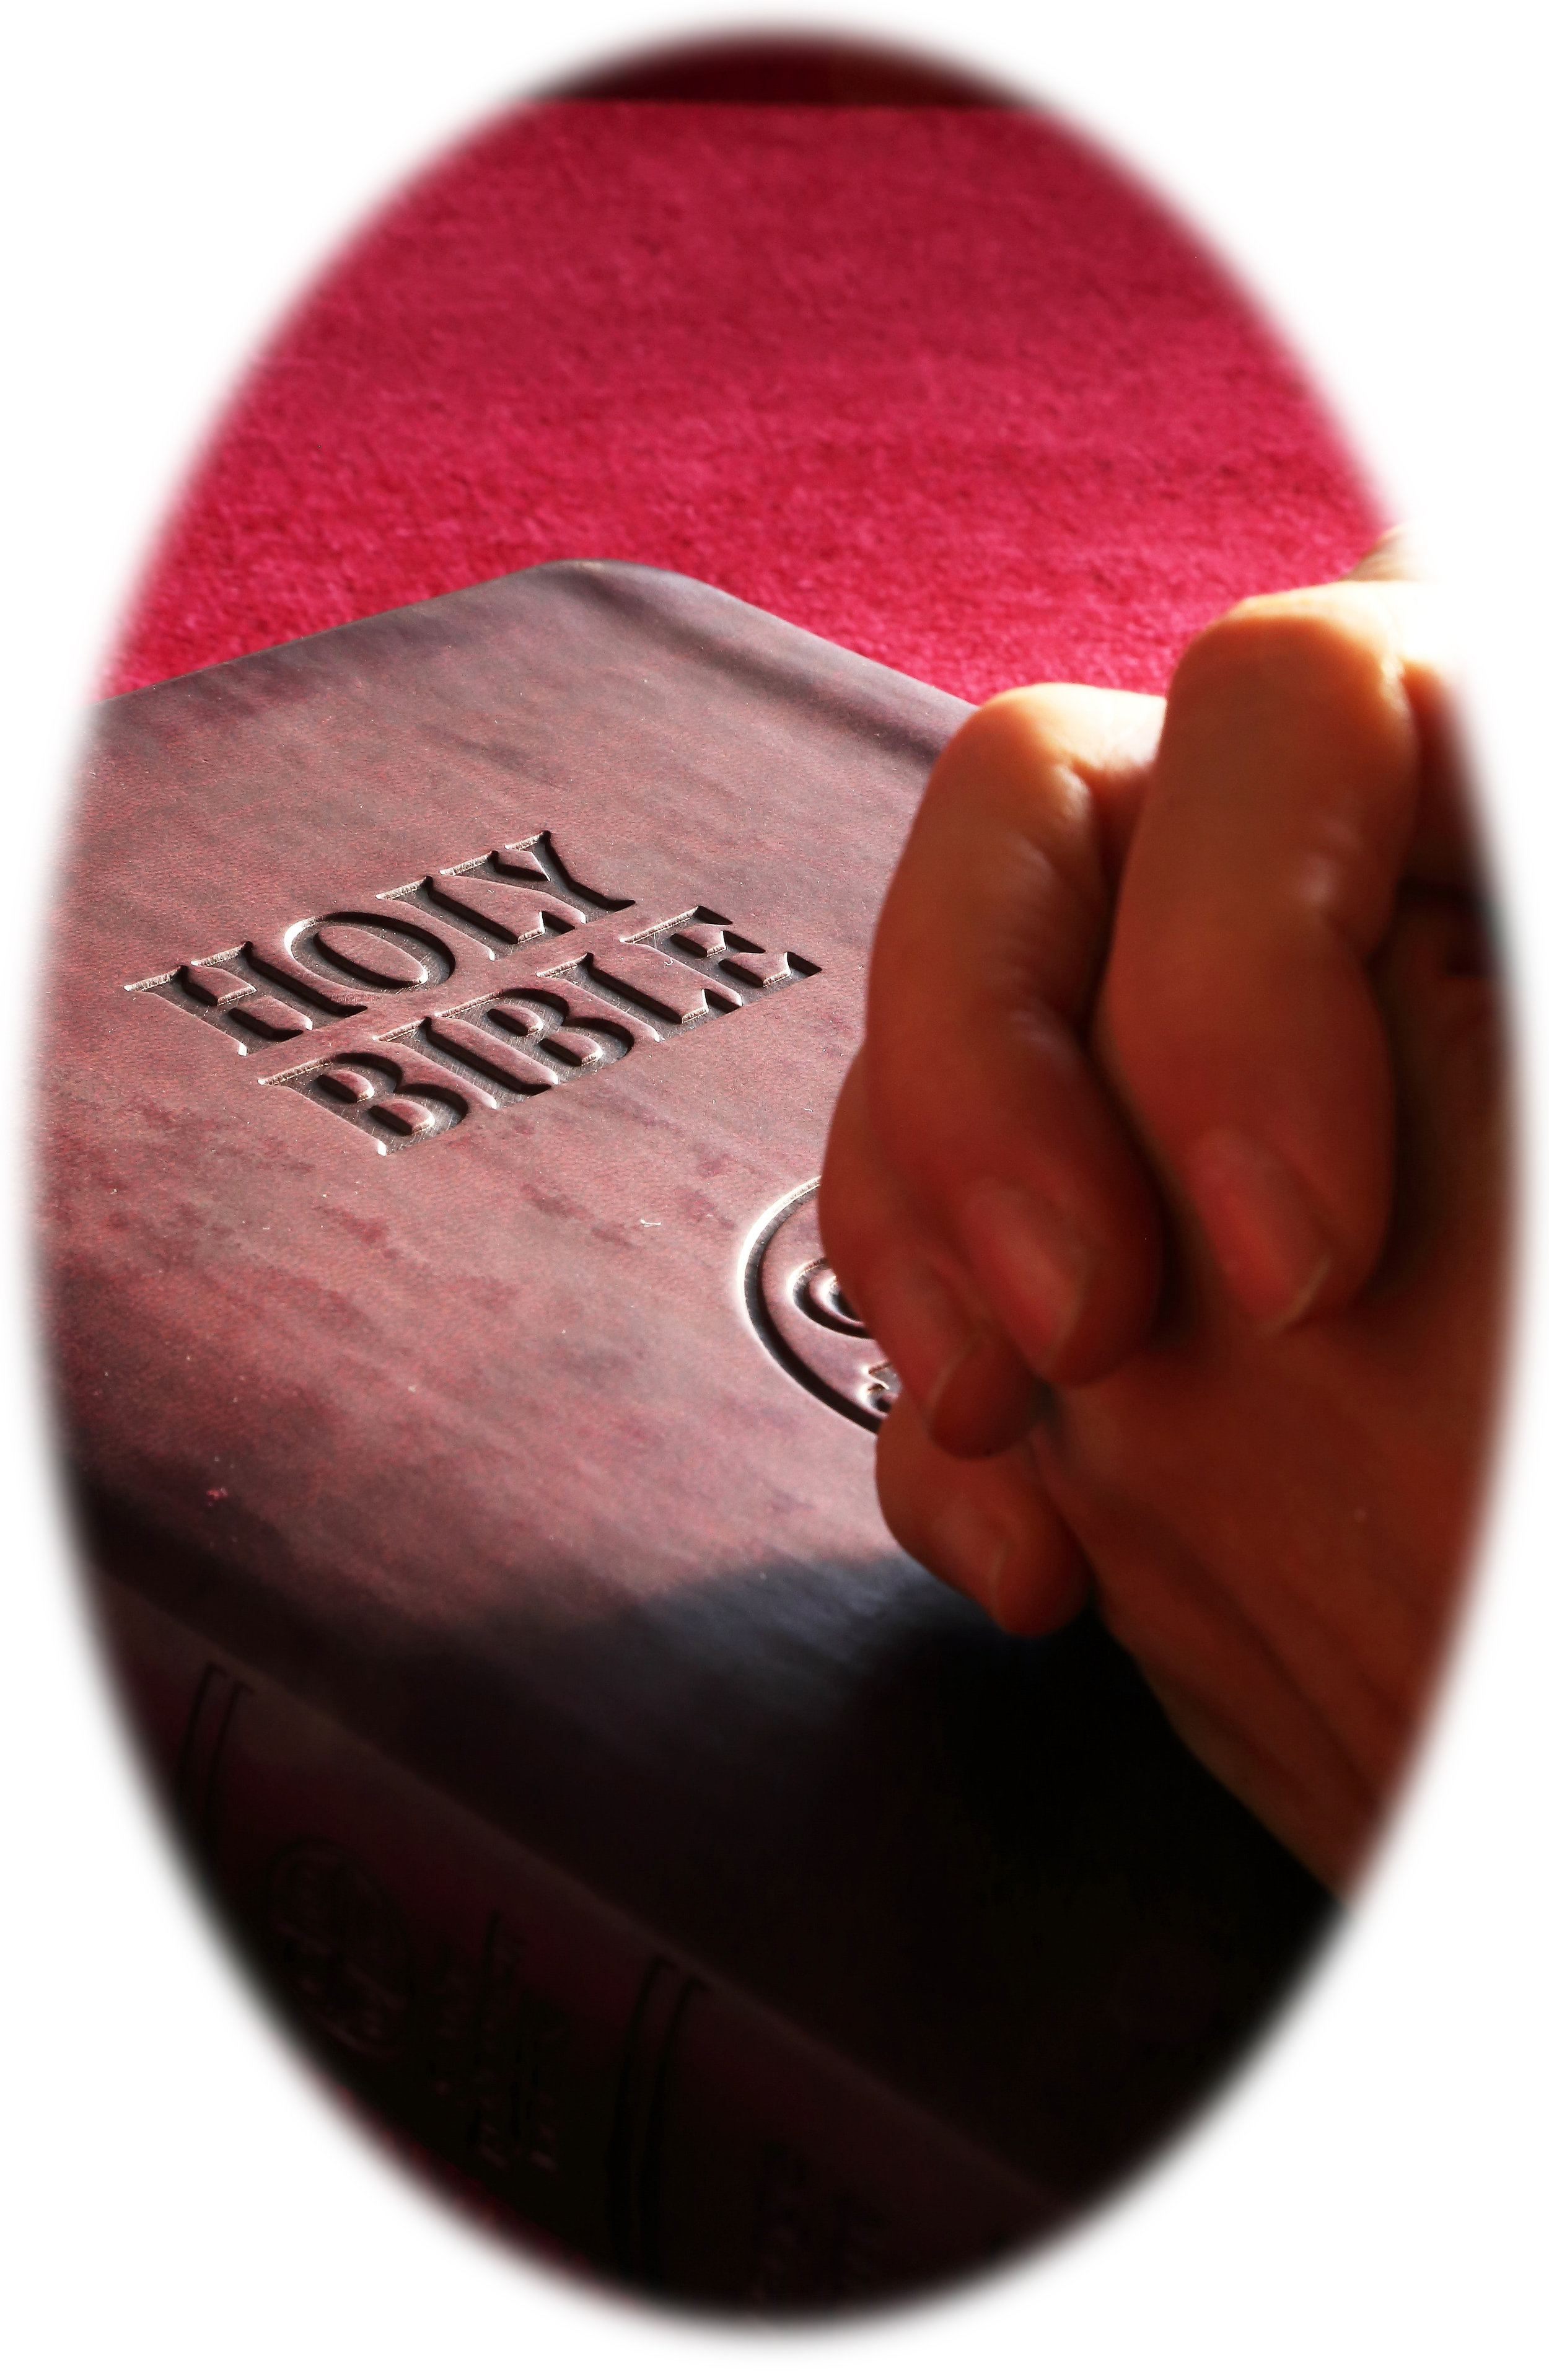 belief-bible-book-267559.jpg